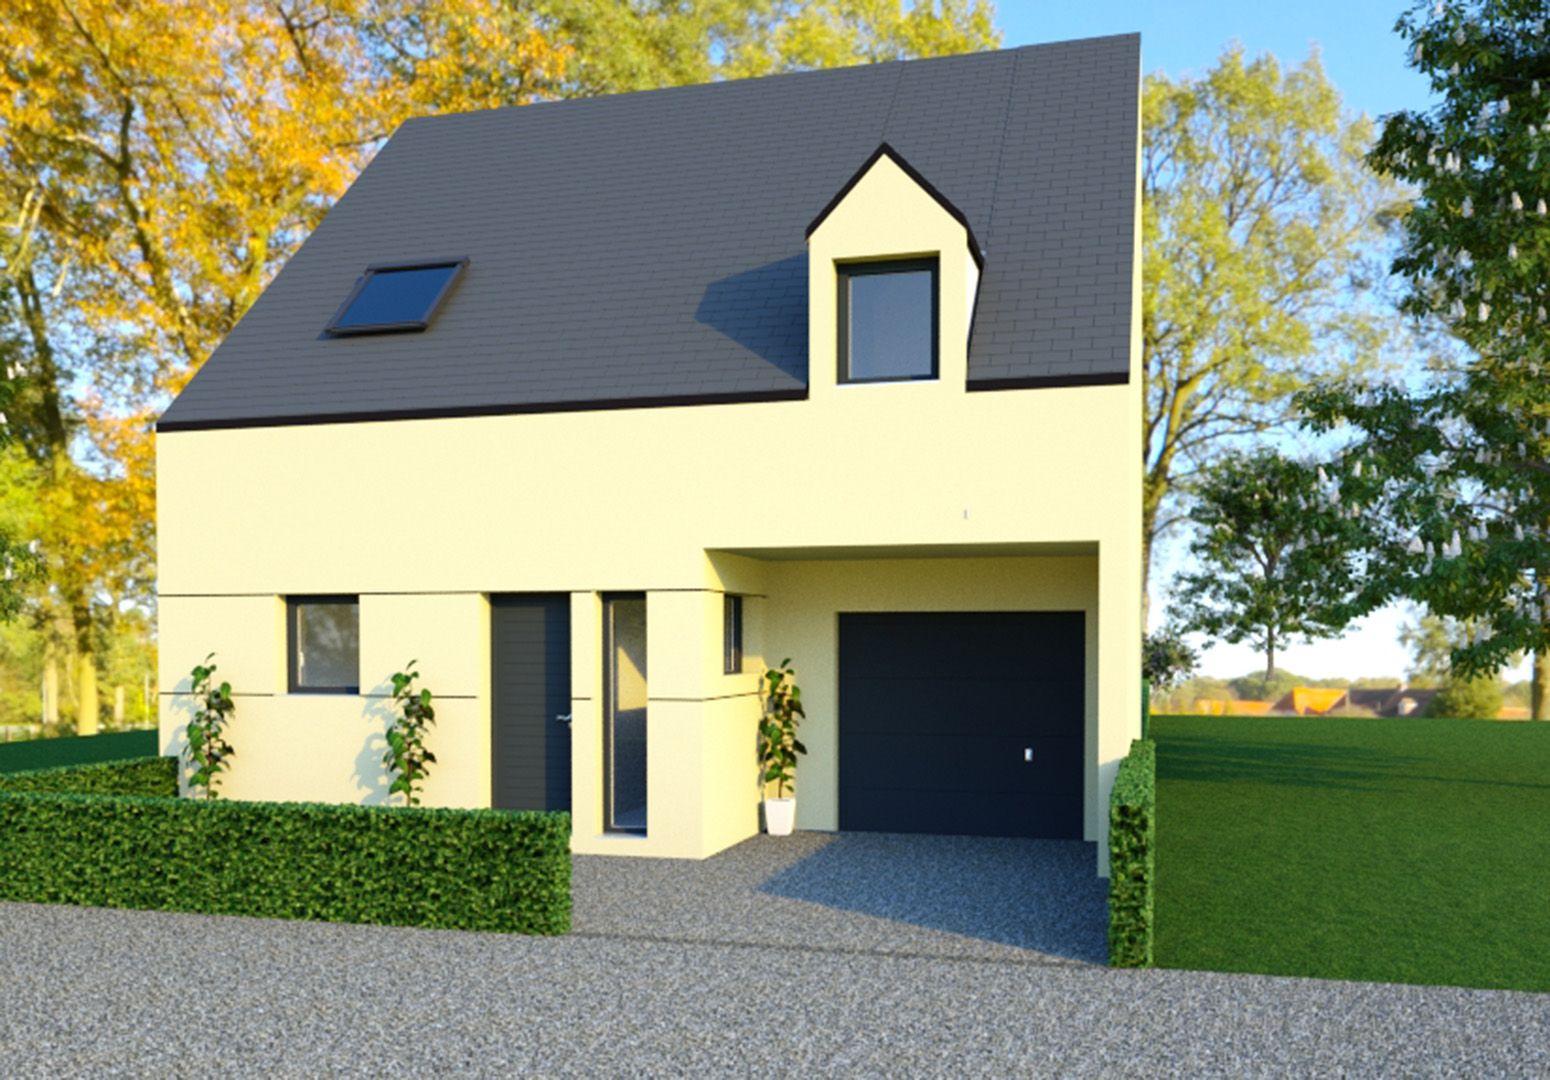 Image du modèle de maison SAINT-GRÉGOIRE 4CH 124